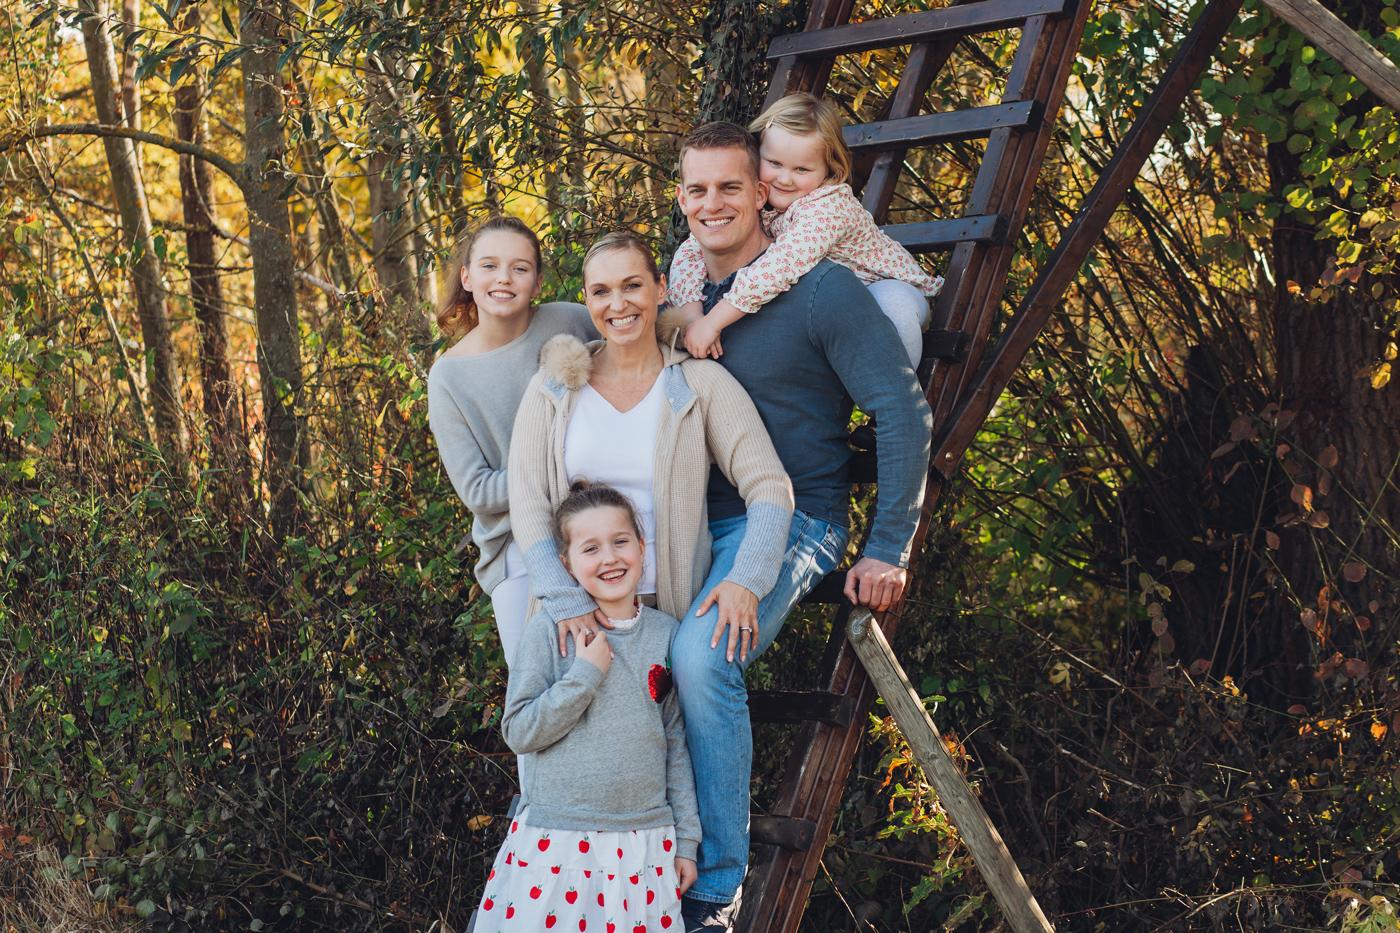 Familienfotos beim Fotoshooting mit Geschister aus Mainz und Frankfurt